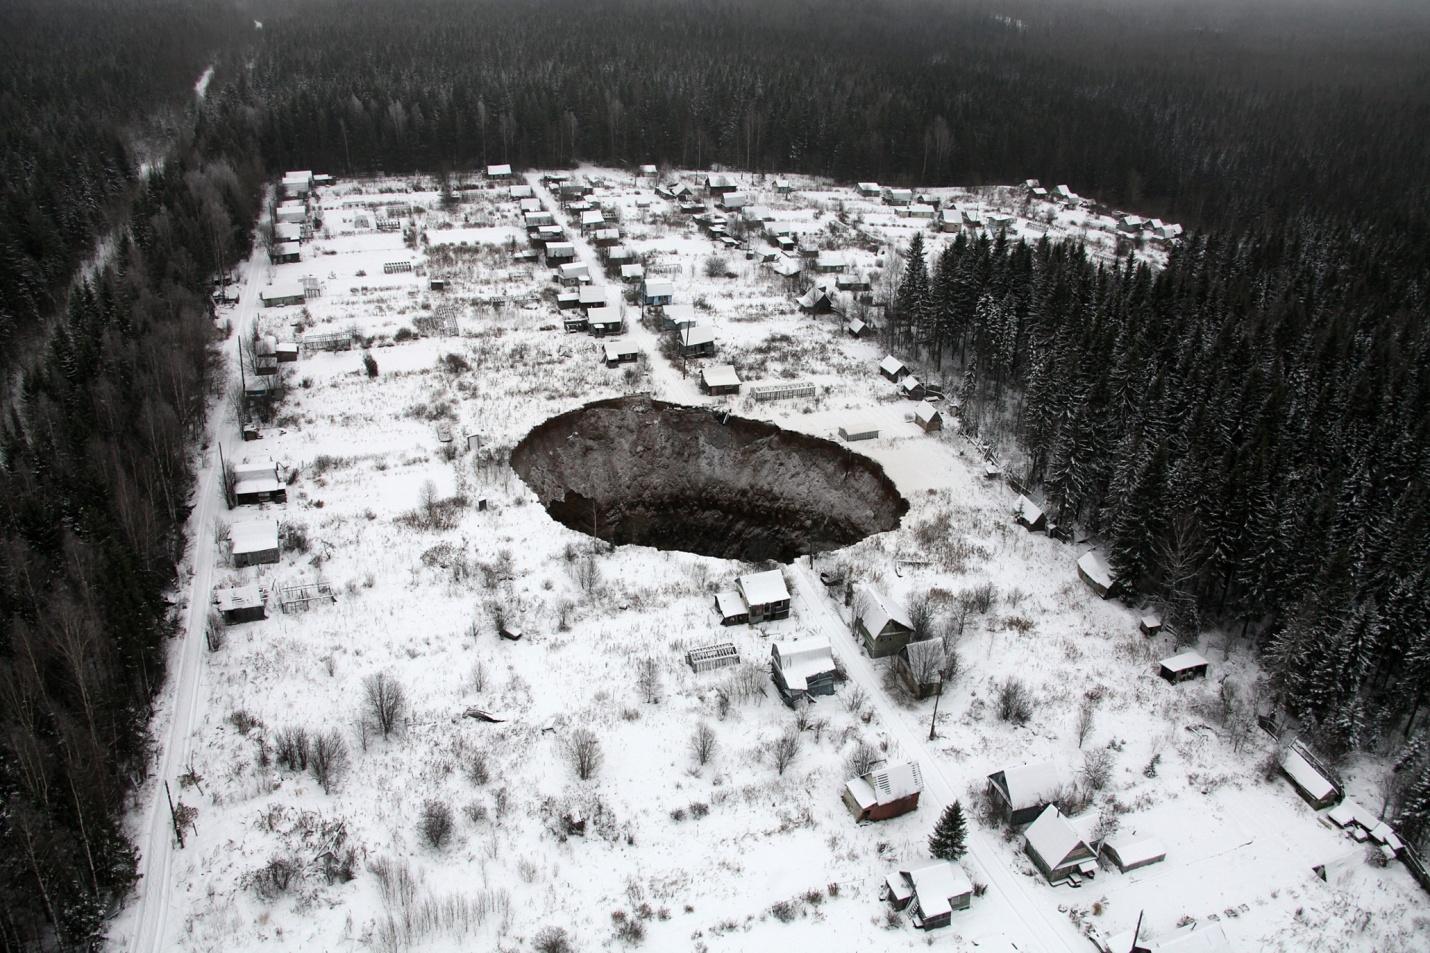 Se abre agujero gigante de 50 metros en Rusia